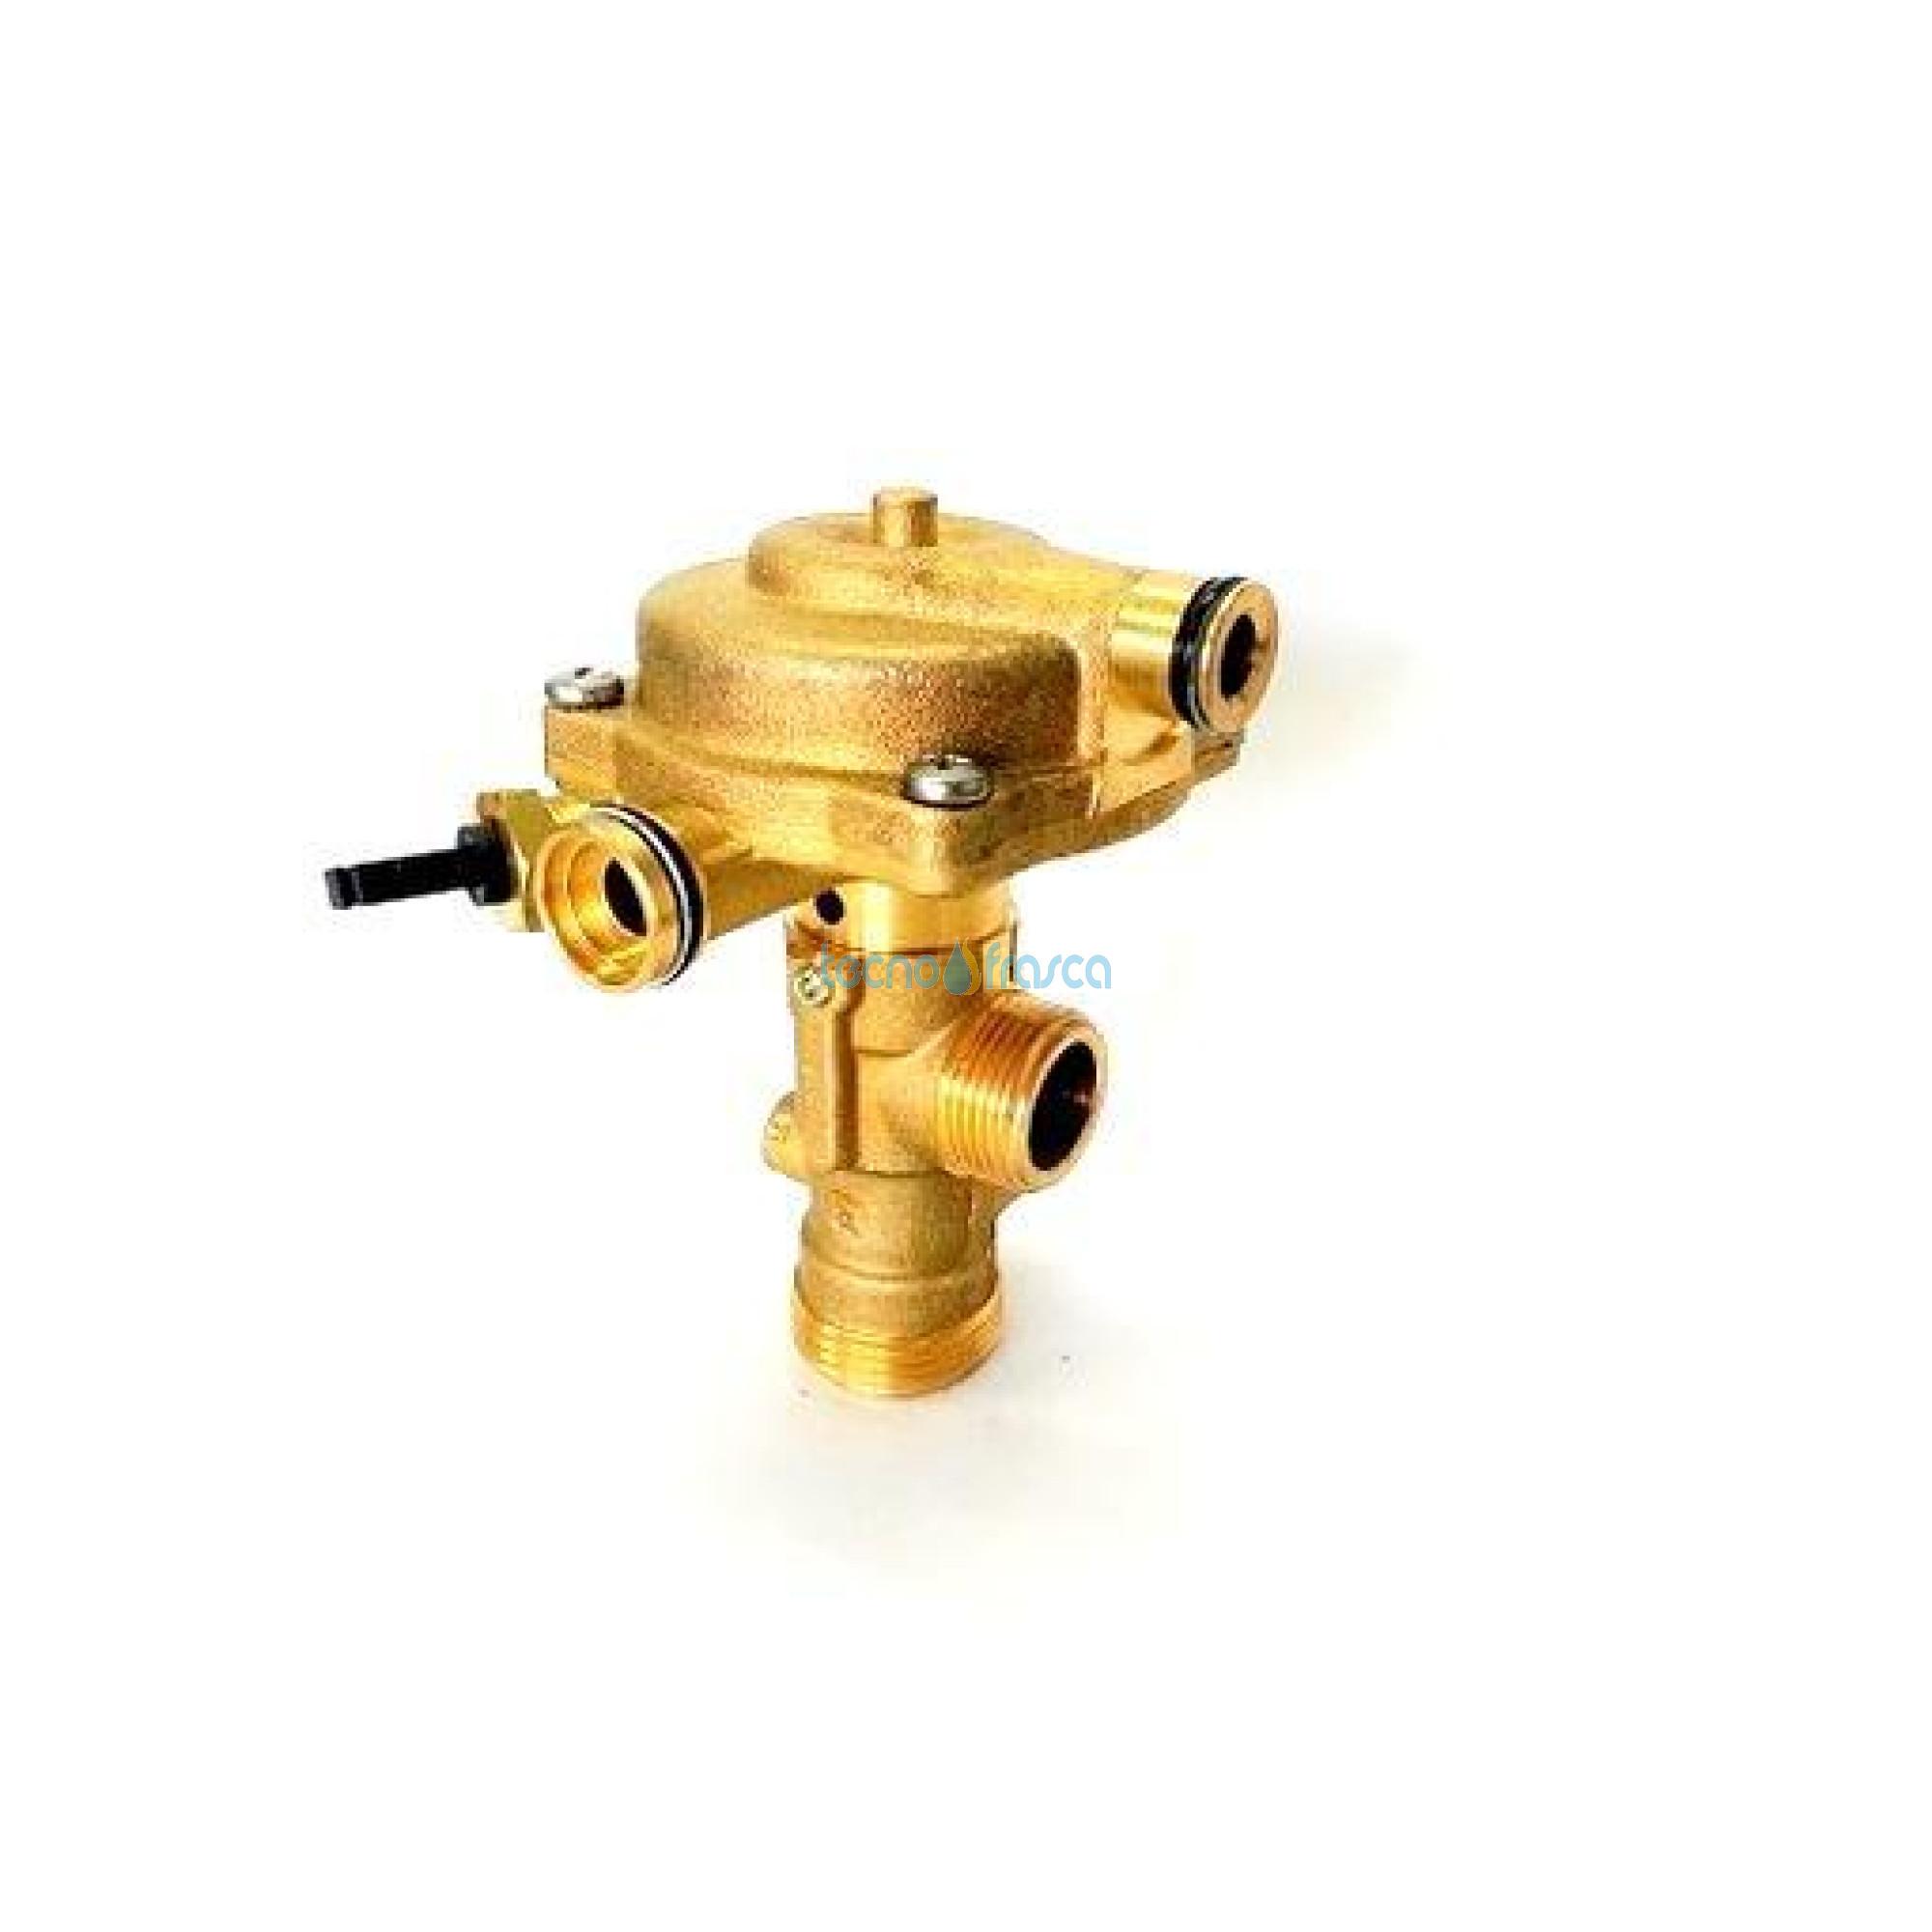 Immergas valvola pressostatica nike mini eolo 3.012806 compatibile